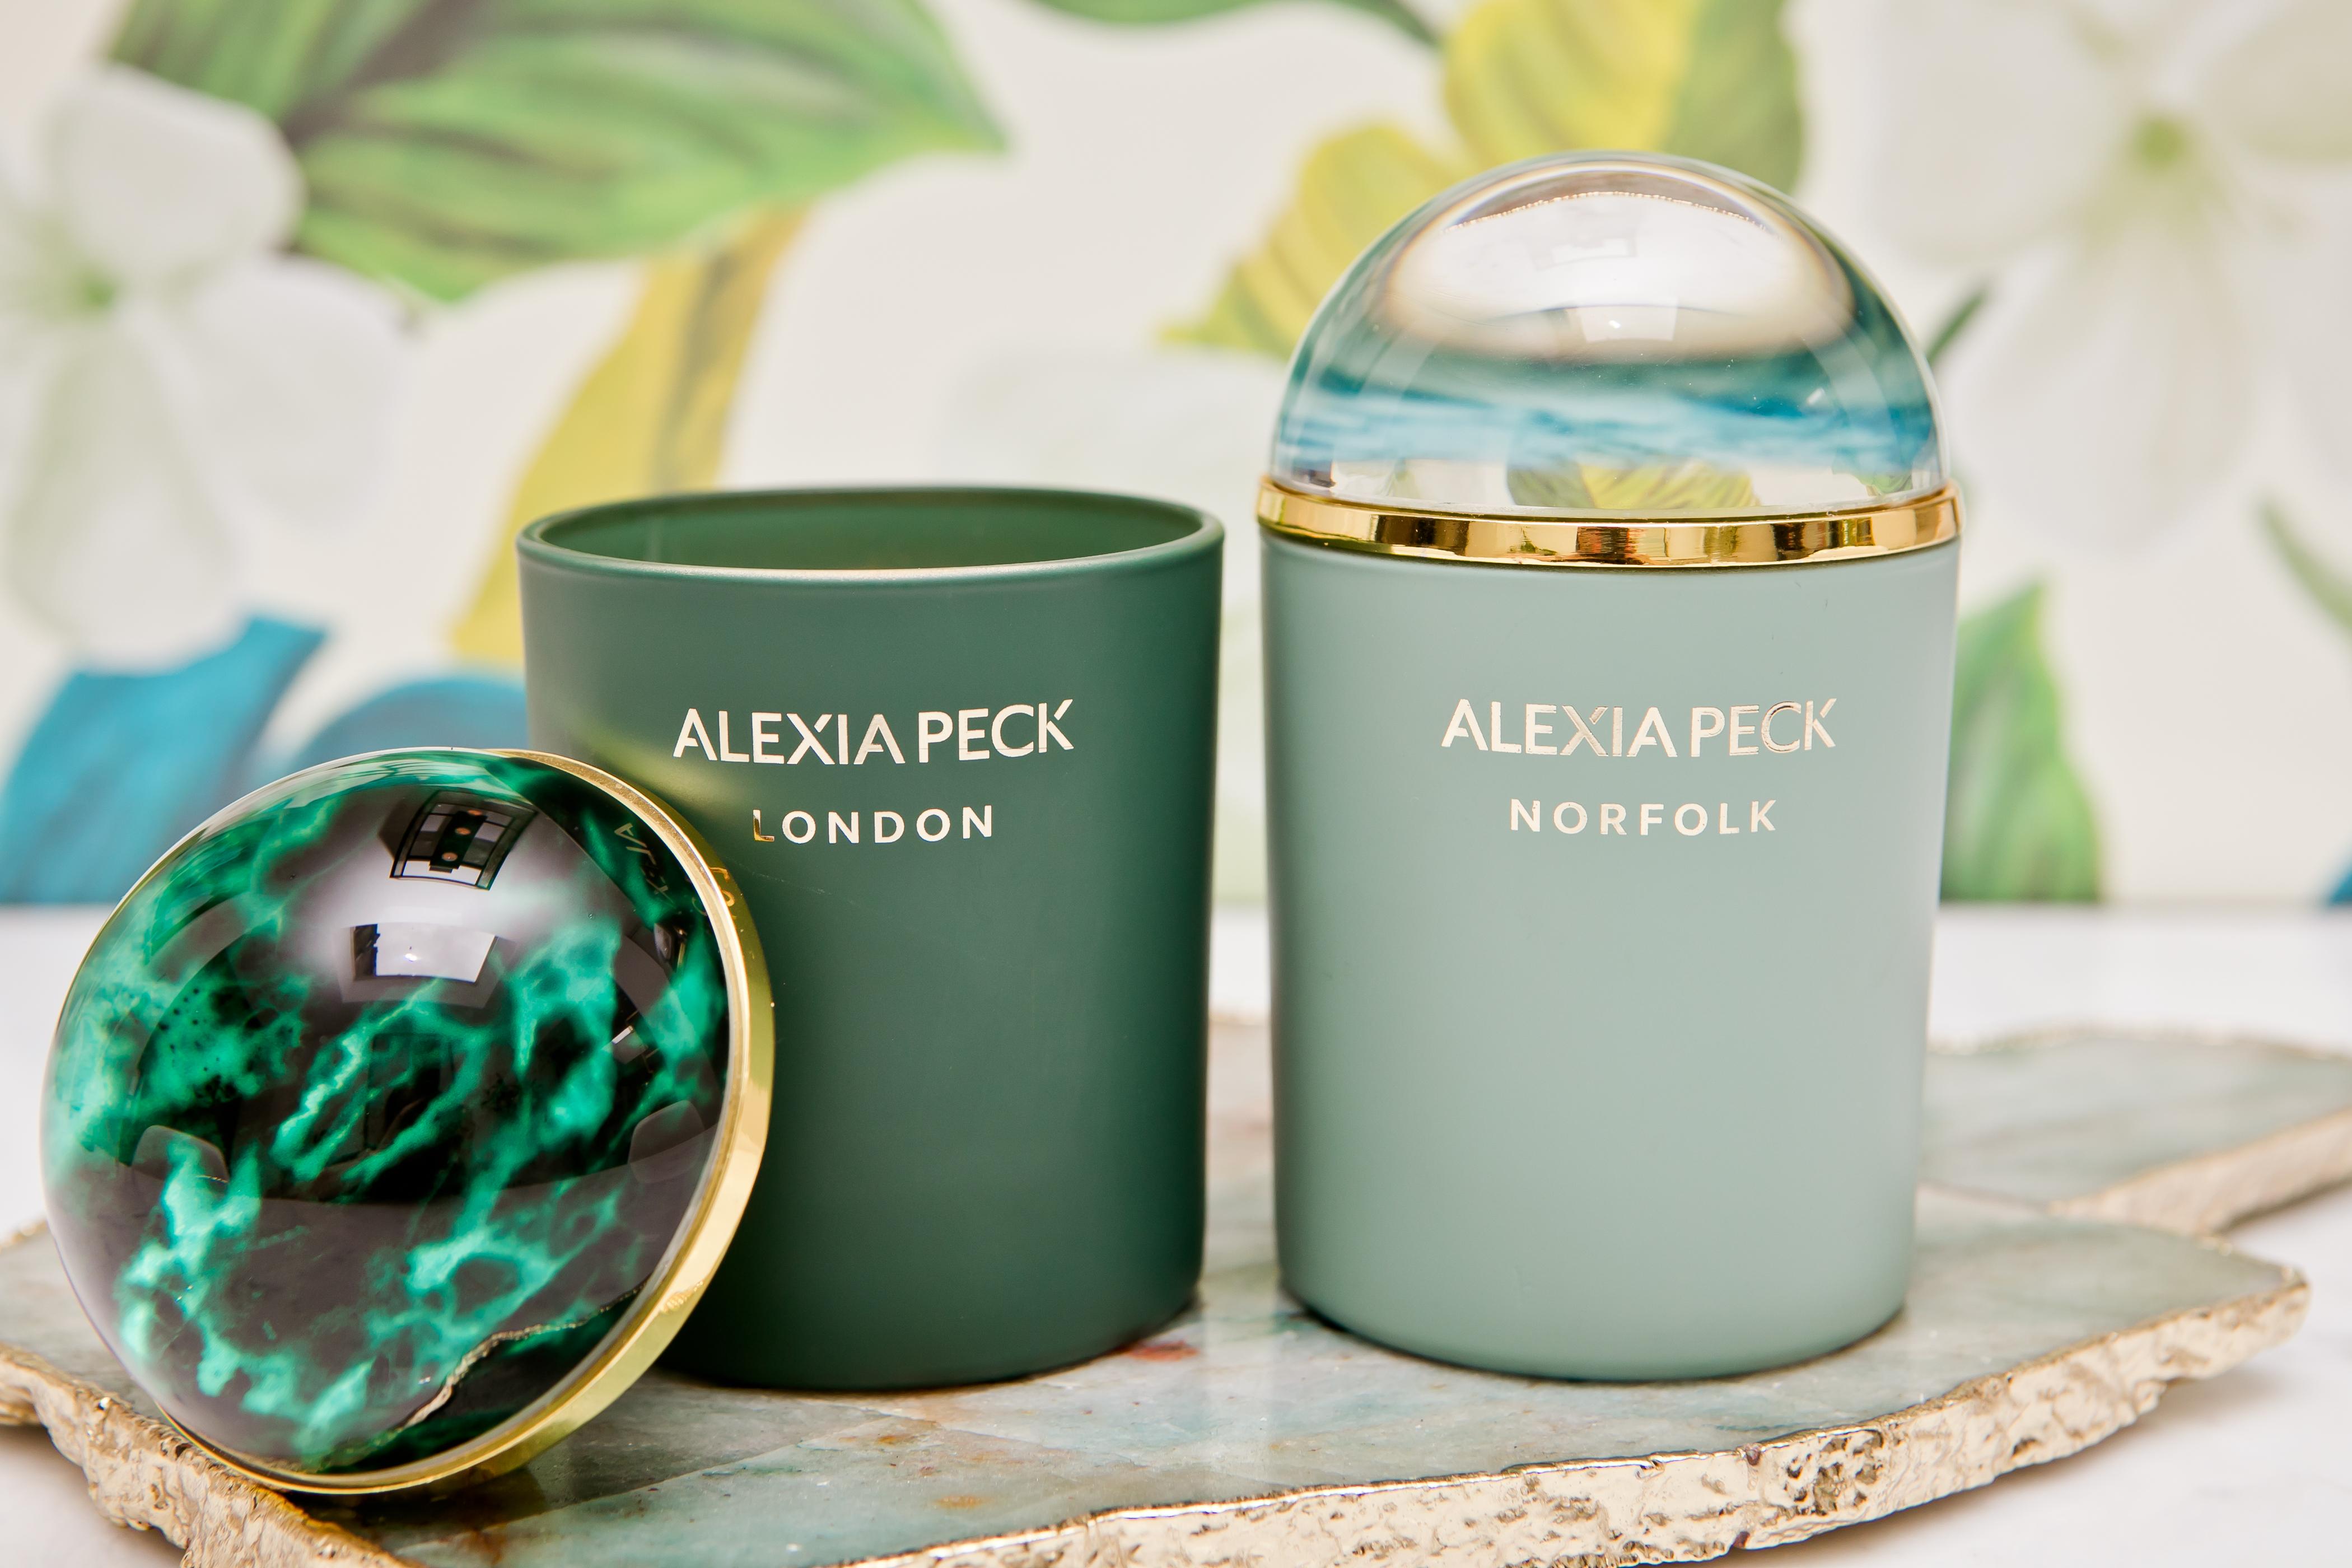 Alexia-Peck-Lifestyle-2019-060